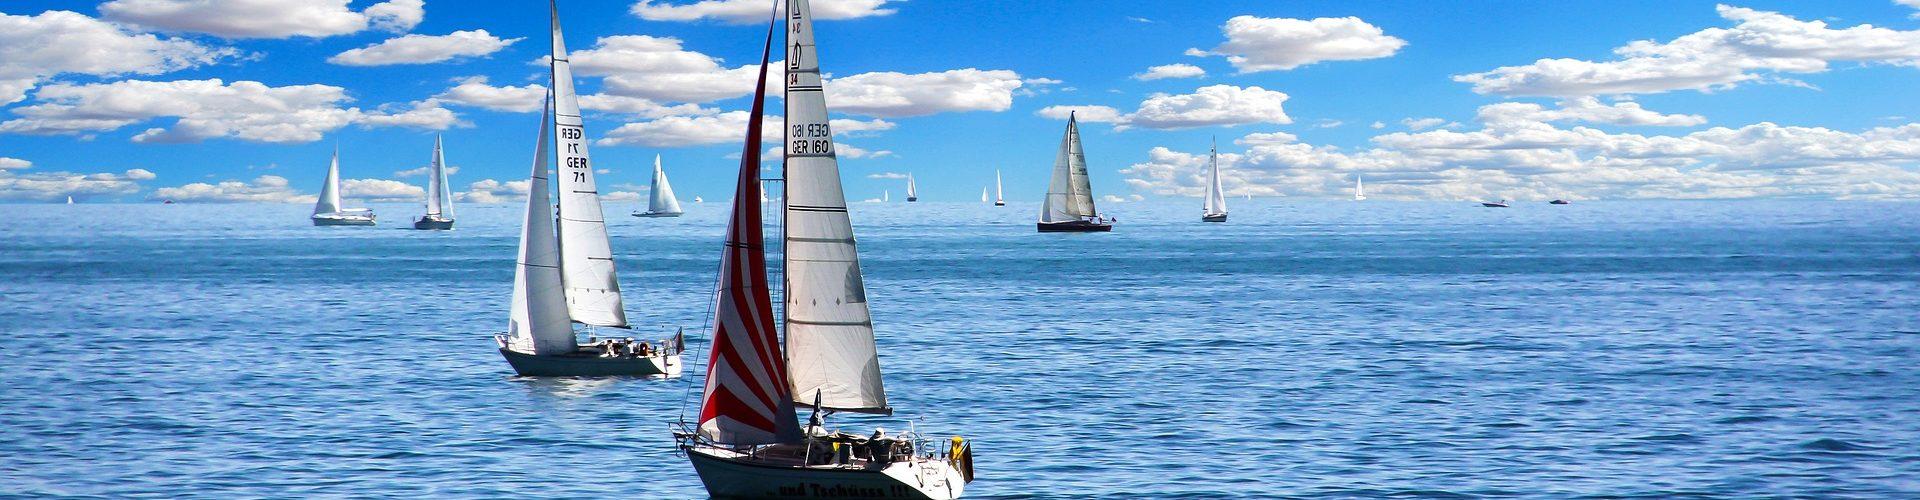 segeln lernen in Waldbröl segelschein machen in Waldbröl 1920x500 - Segeln lernen in Waldbröl